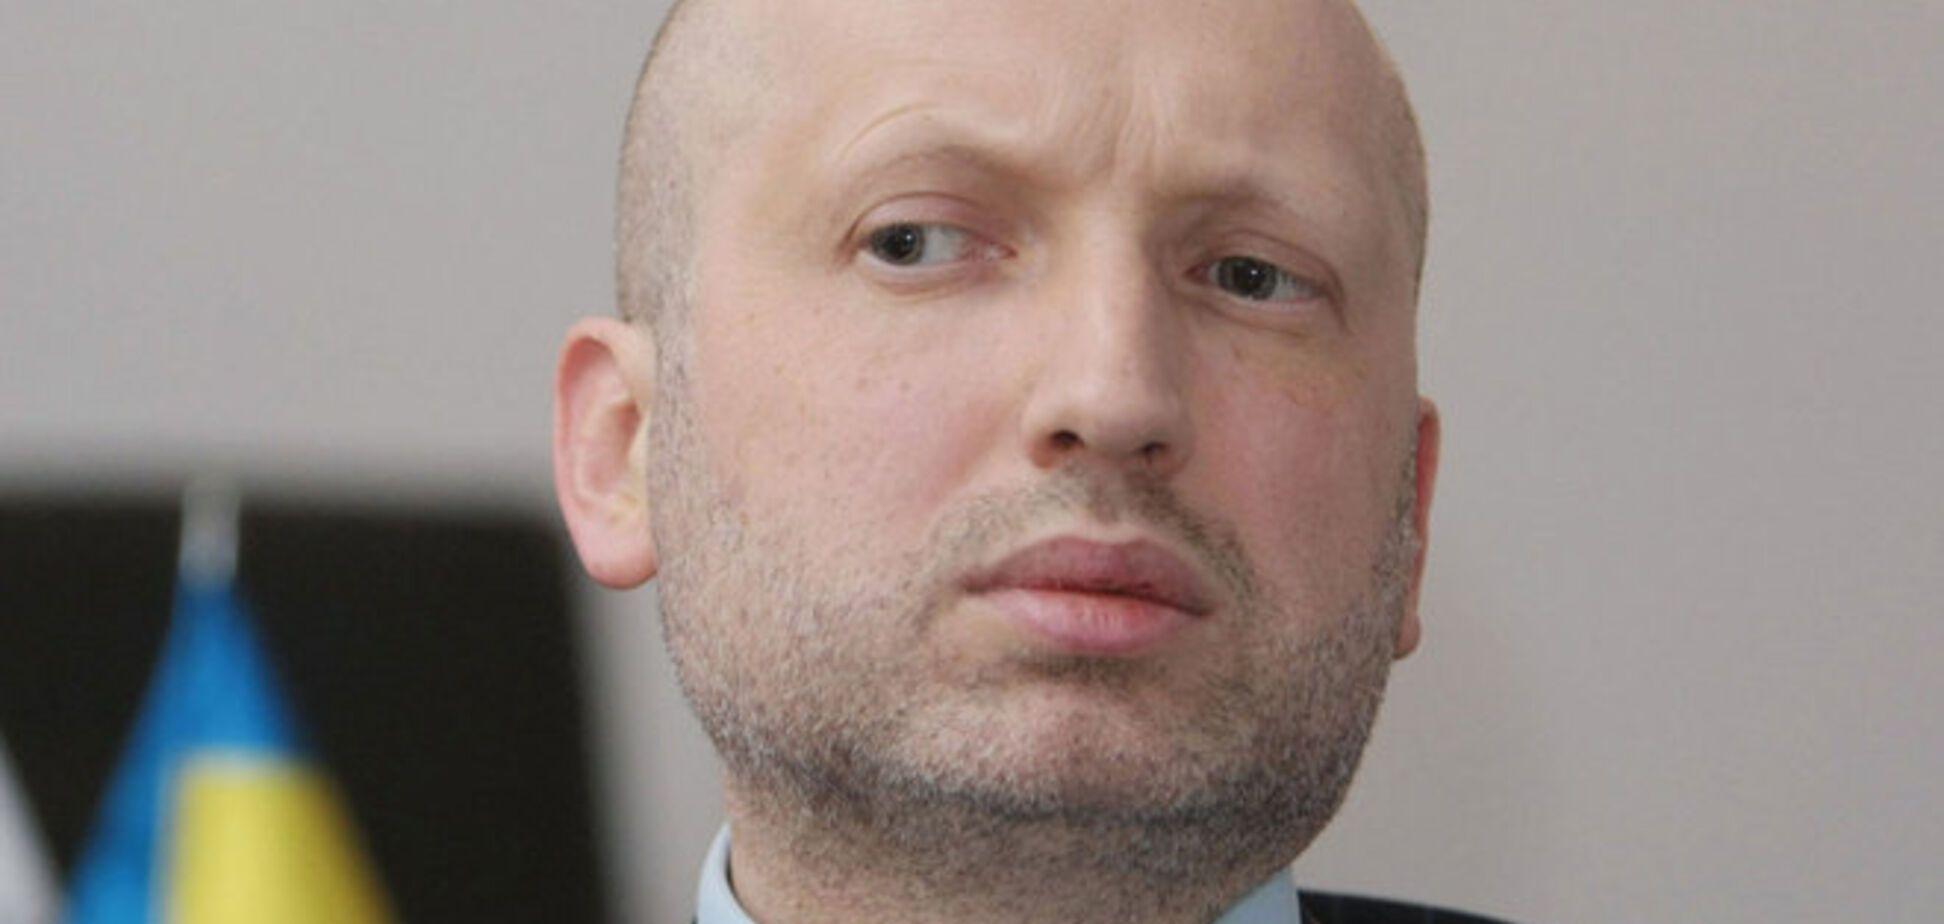 Турчинов рассказал о вооружении, которое используют против украинских бойцов на Донбассе